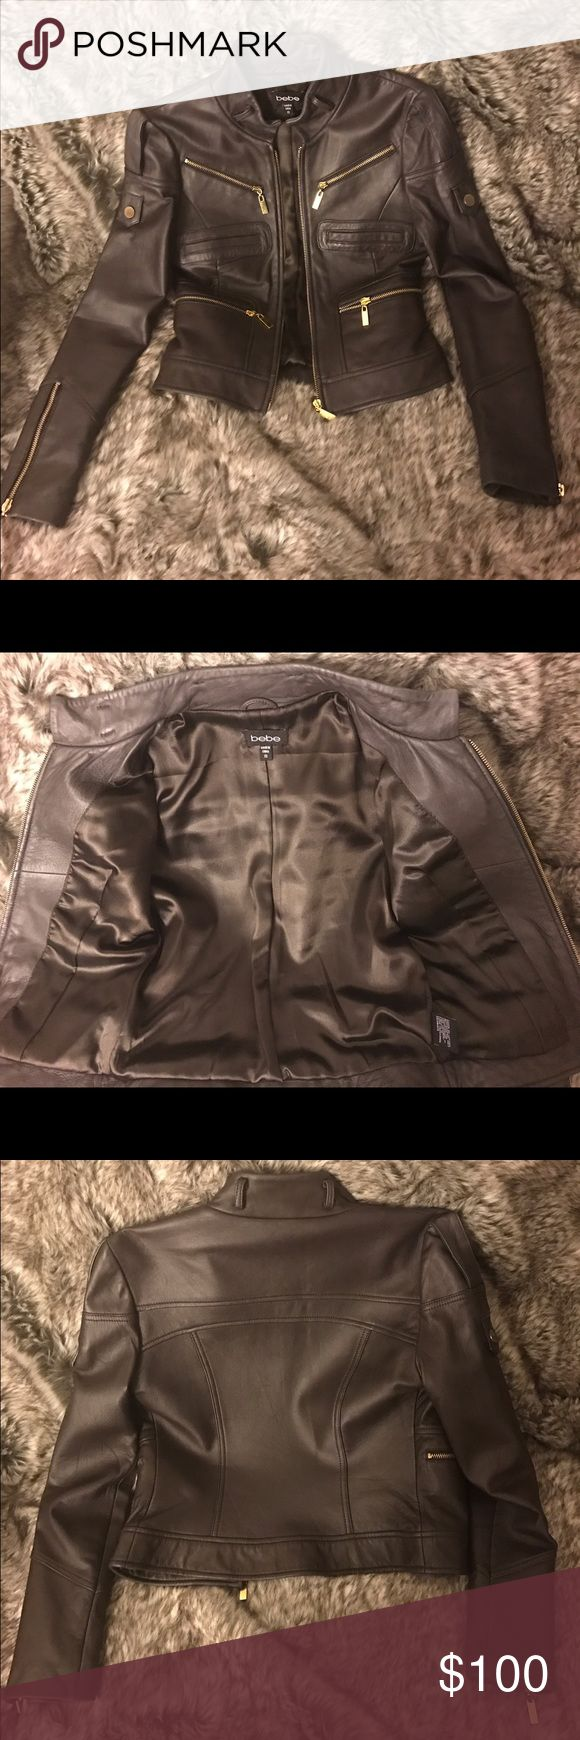 Bebe Brown Leather moto jacket Bebe Mocha brown leather motorcycle jacket bebe Jackets & Coats